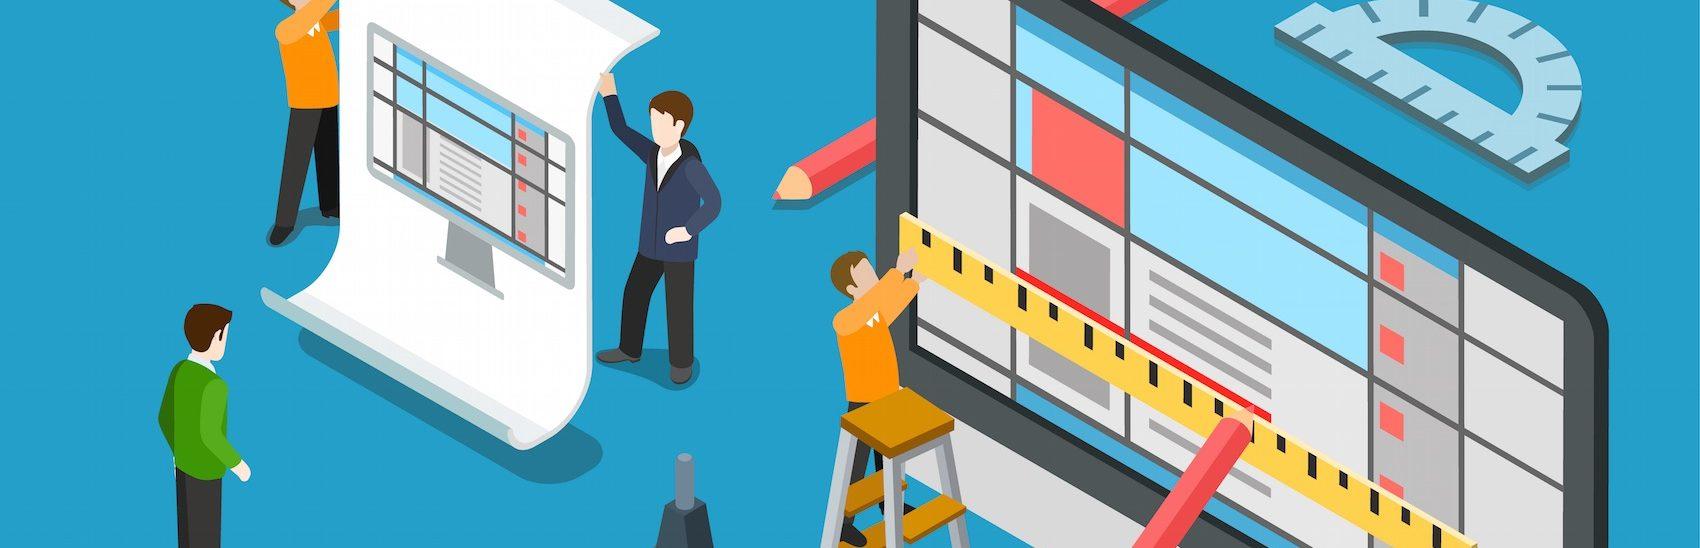 Веб-мастер — новое направление сотрудничества